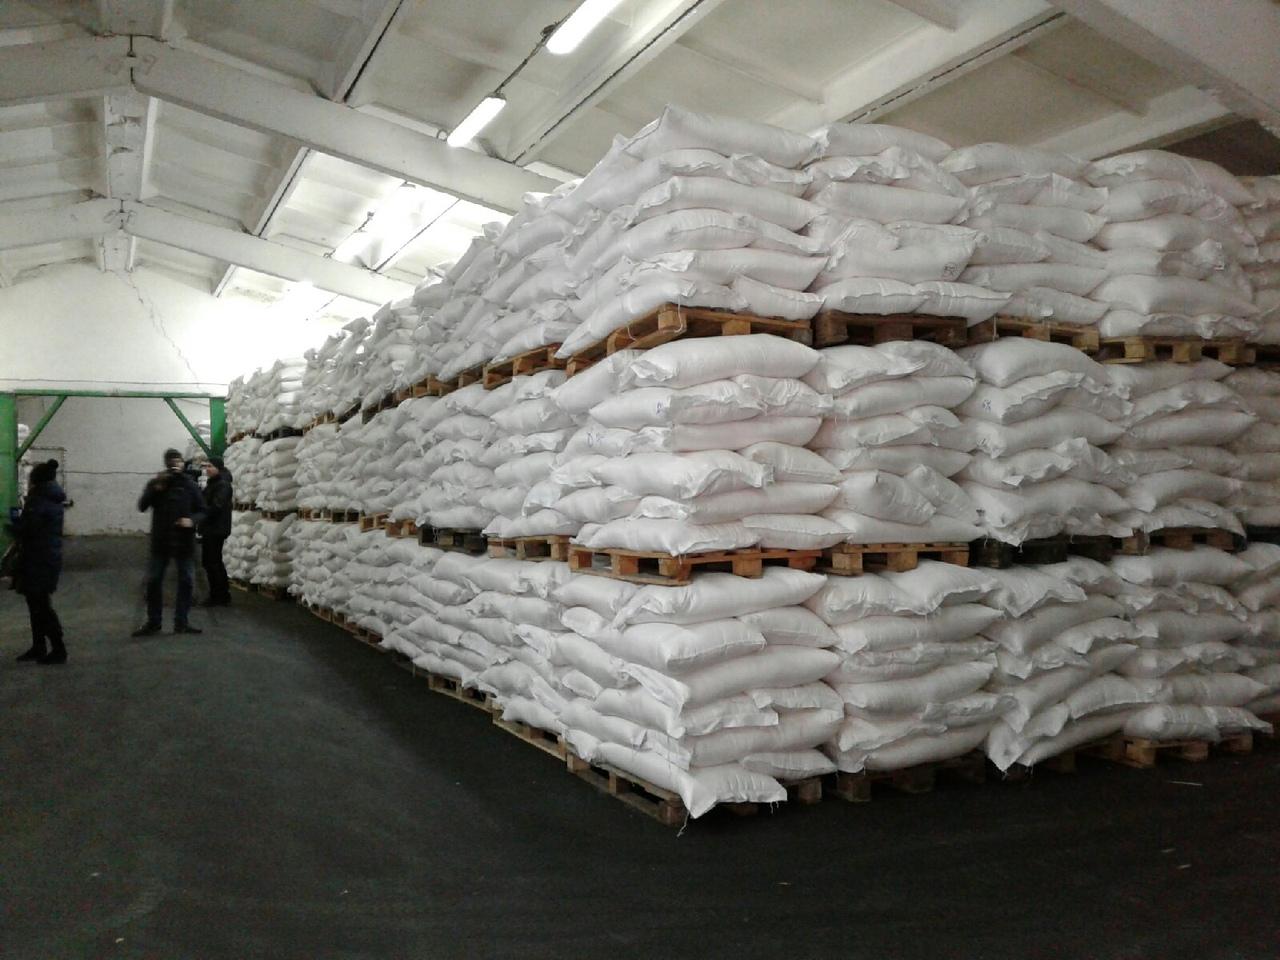 Омичку, заказавшую 22 тонны сахара, «кинули» РЅР° миллион #Омск #Общество #Сегодня